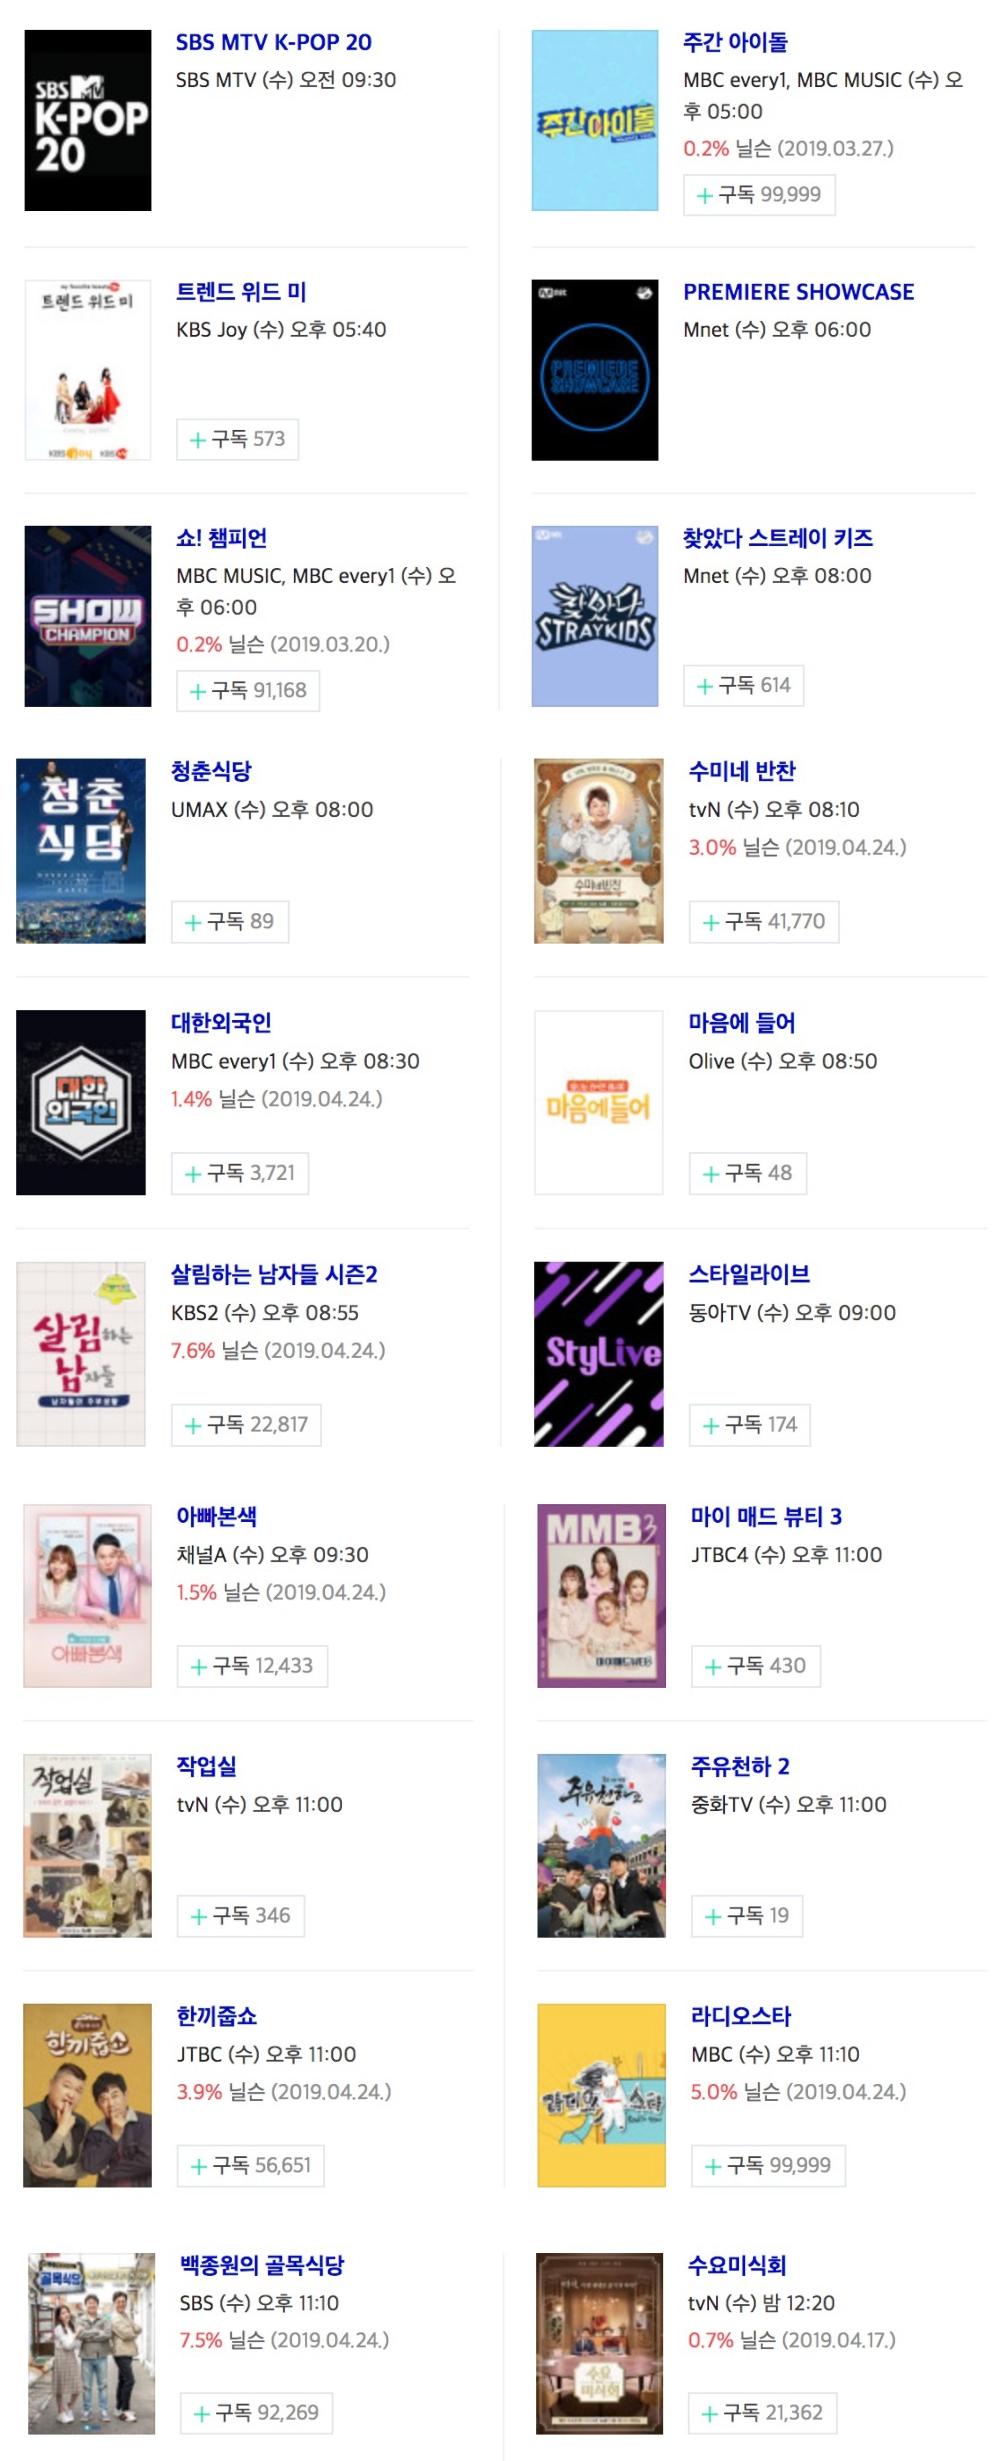 [수요일 예능] 1일 오후 주요 예능 프로그램 편성표-지난주 시청률은?